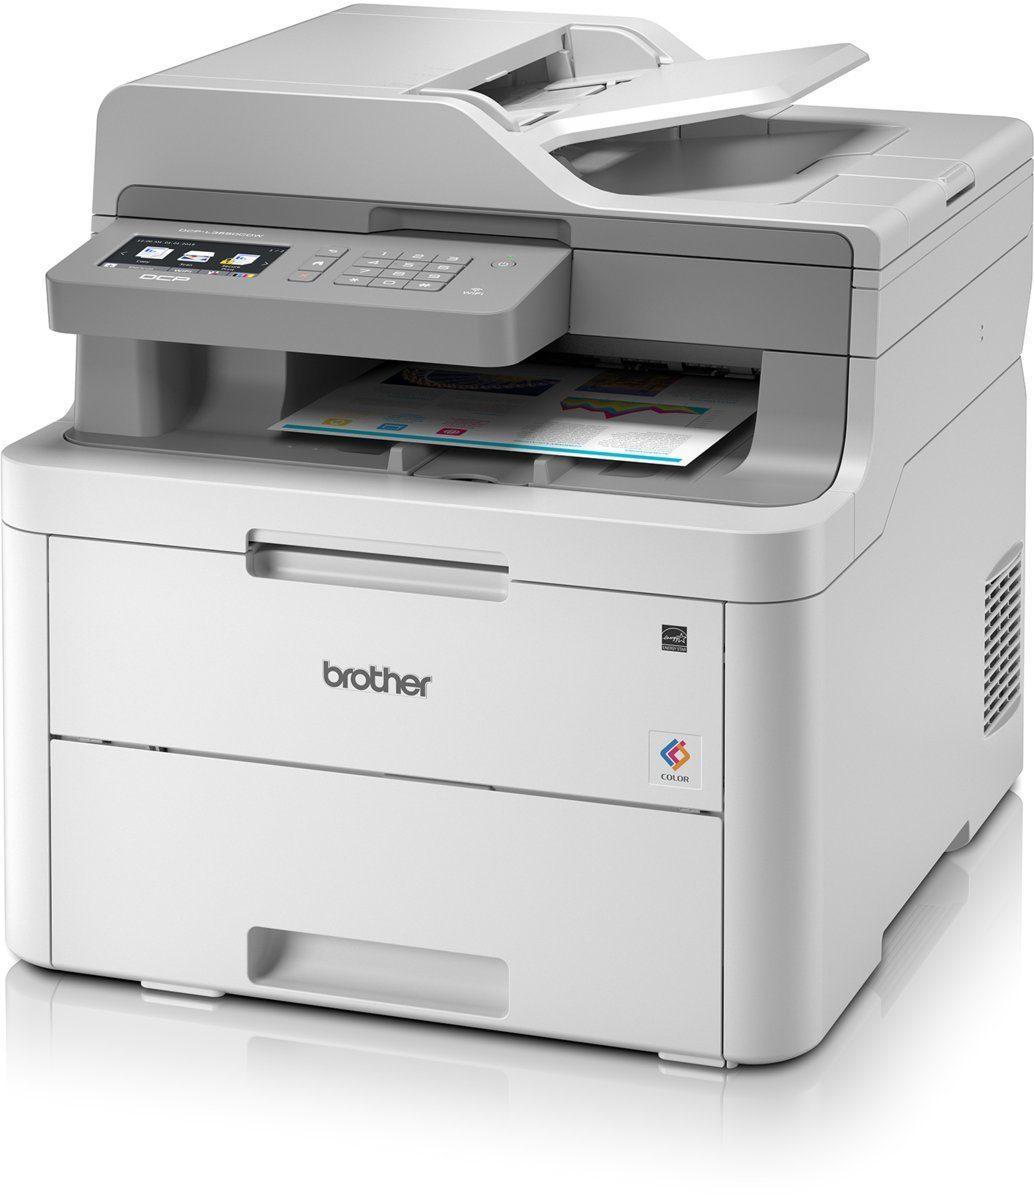 Brother Farblaser-Drucker »DCP-L3550CDW 3in1 Multifunktionsdrucker«